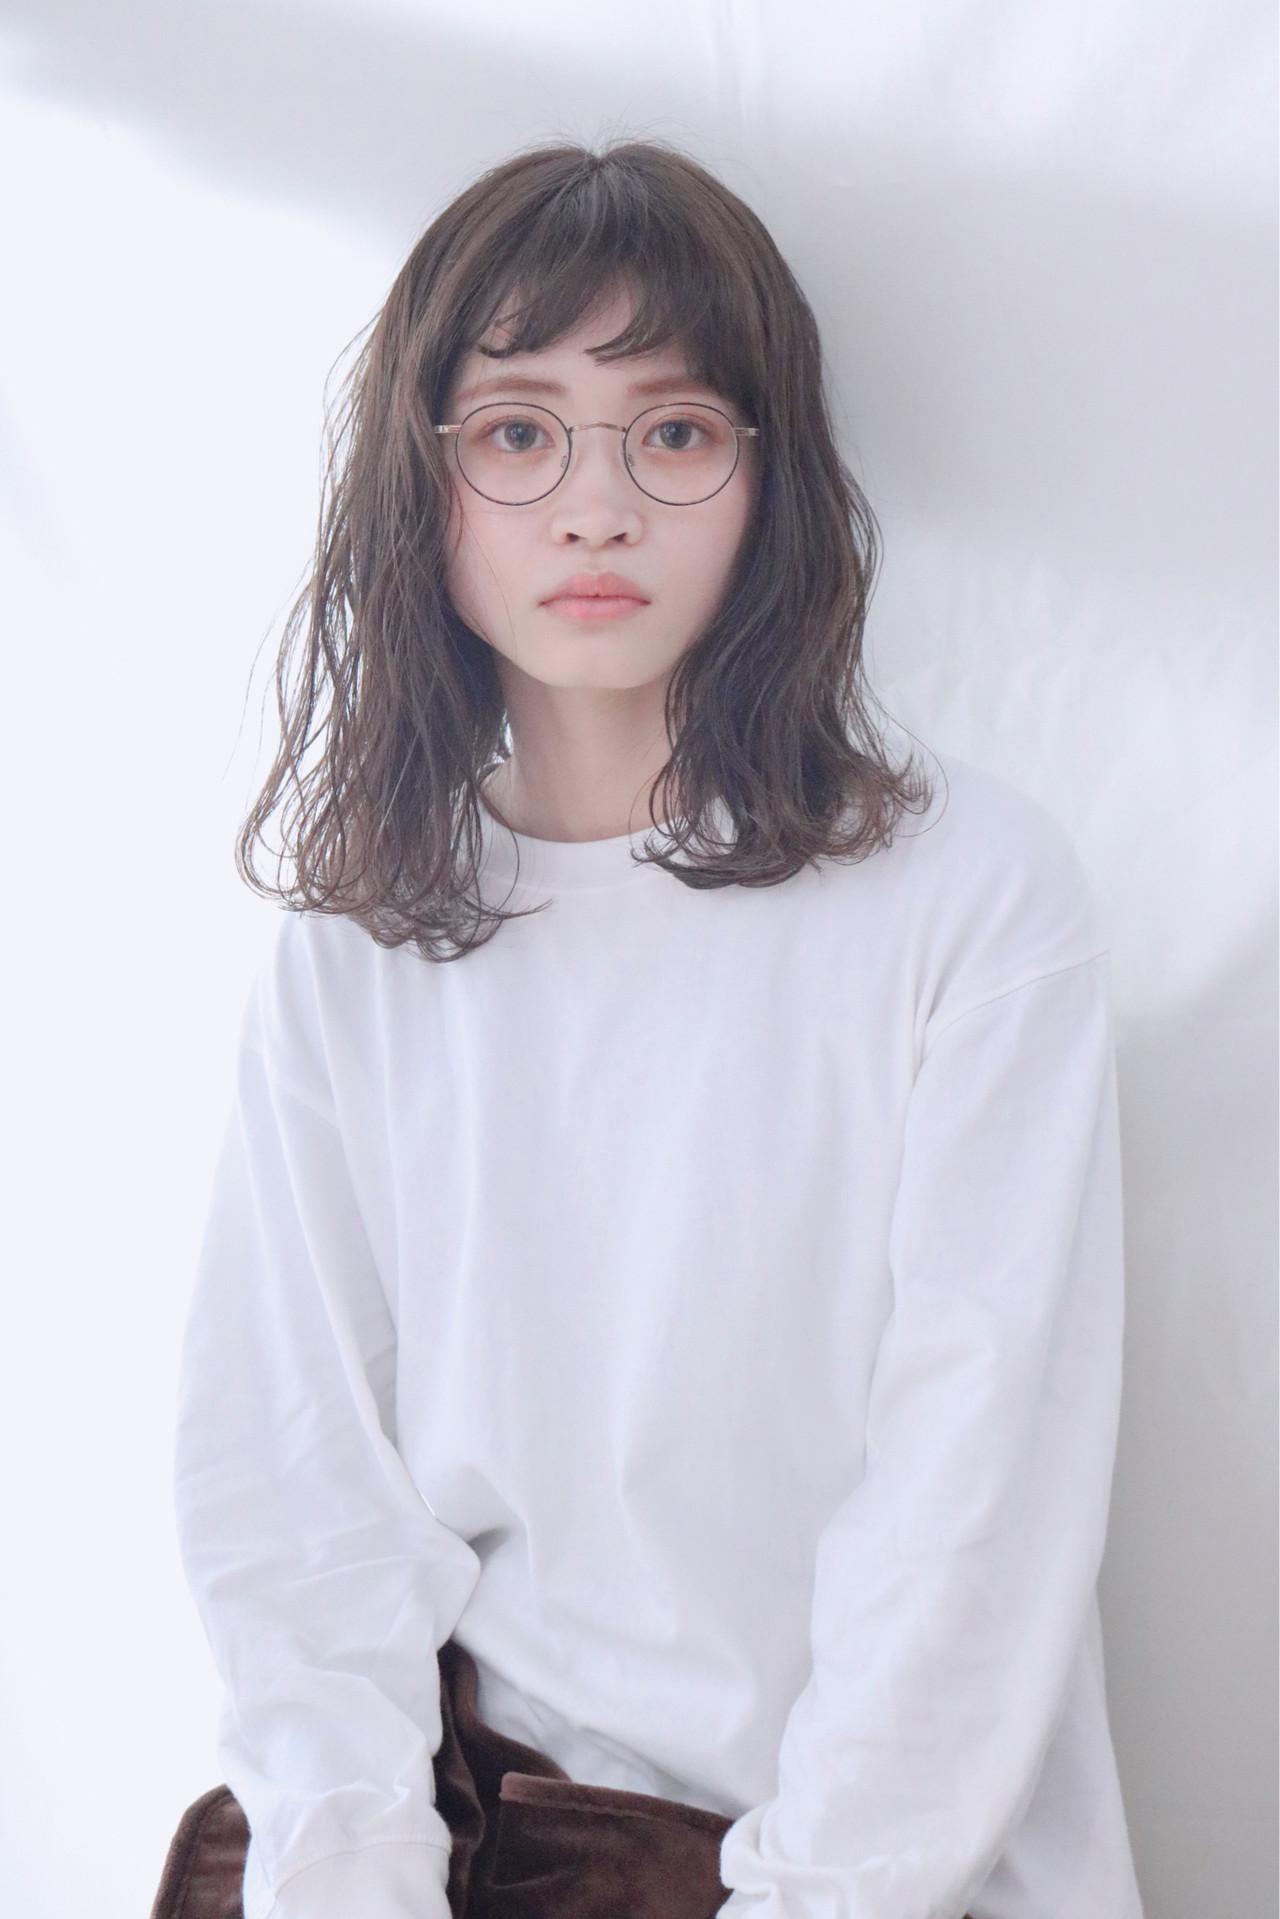 アンニュイほつれヘア グレージュ ロング ミルクティーグレージュ ヘアスタイルや髪型の写真・画像 | 上田智久 / ooit 福岡 天神 / ooit